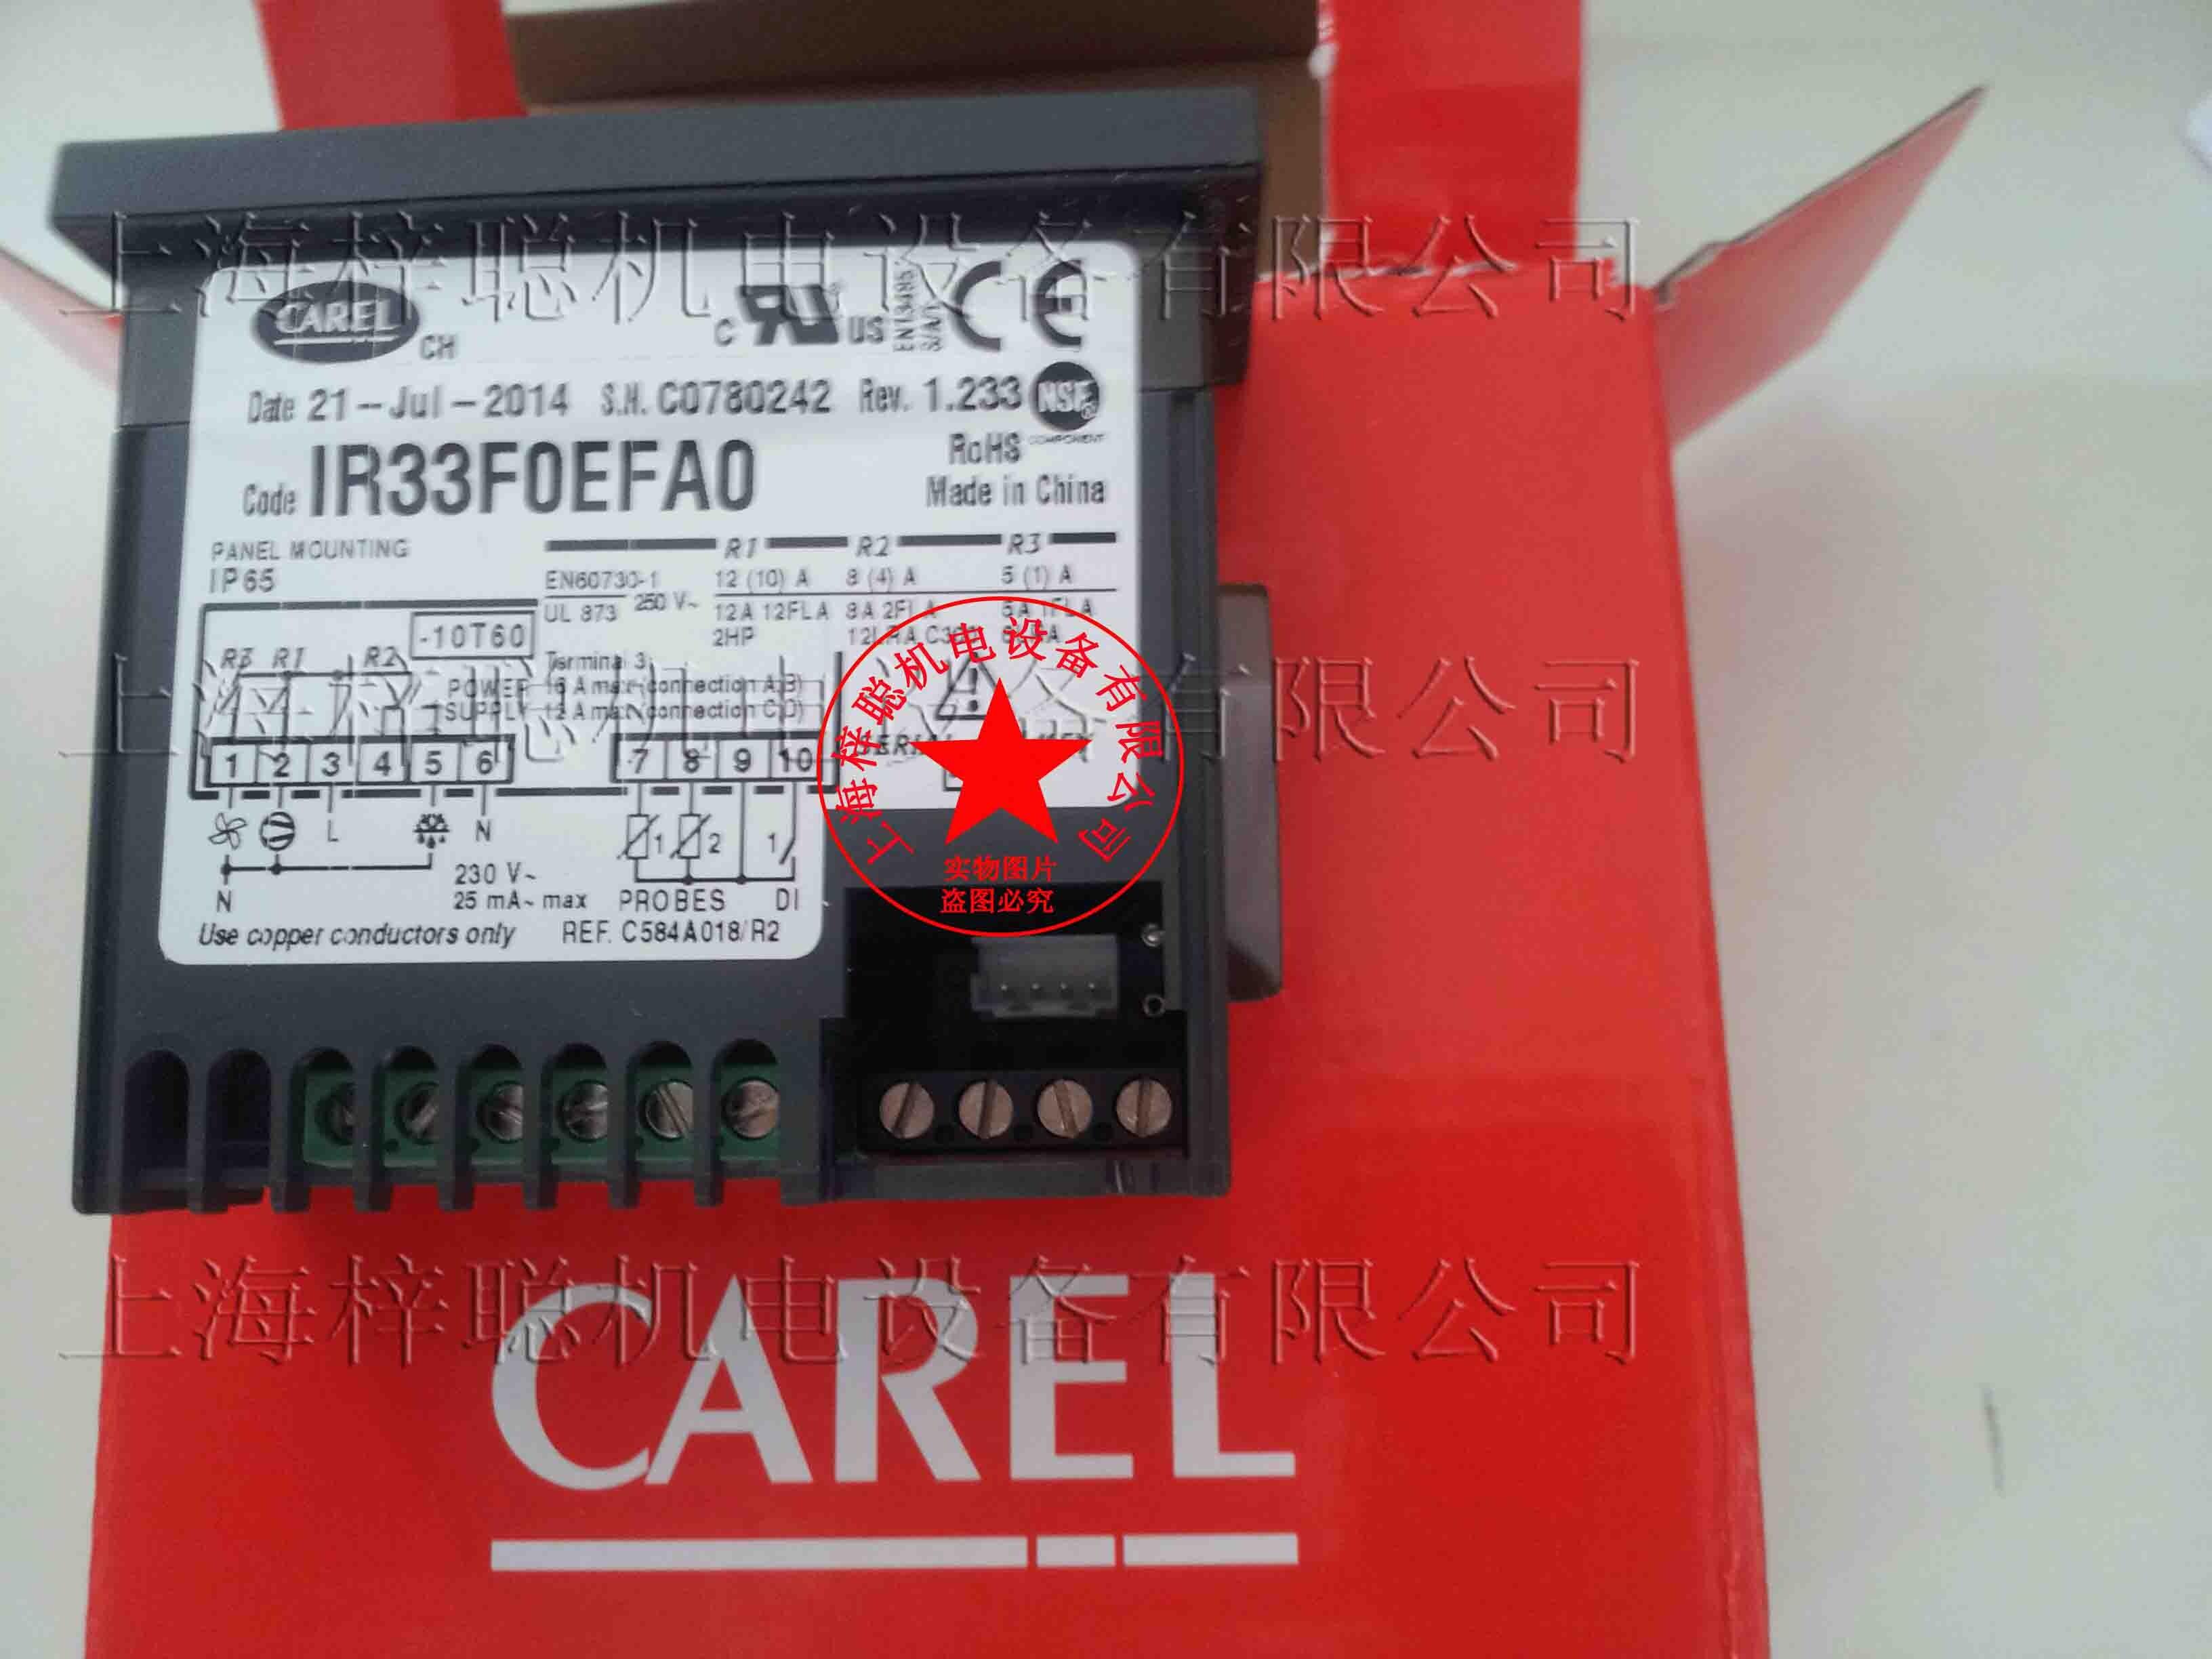 卡乐CAREL特点:   认证;   2.内置变压器,工作电压220v,简化电路设计,节省安装时间;   3.组预先设置好的参数可针对不同应用快速设置;   4.大功率继电器:最大可直接驱动2hp压缩机;   5.三位高亮度带小数点显示字符比普通大27%;   6.人性化图标,显示不同运转状态及报警显示;   7.